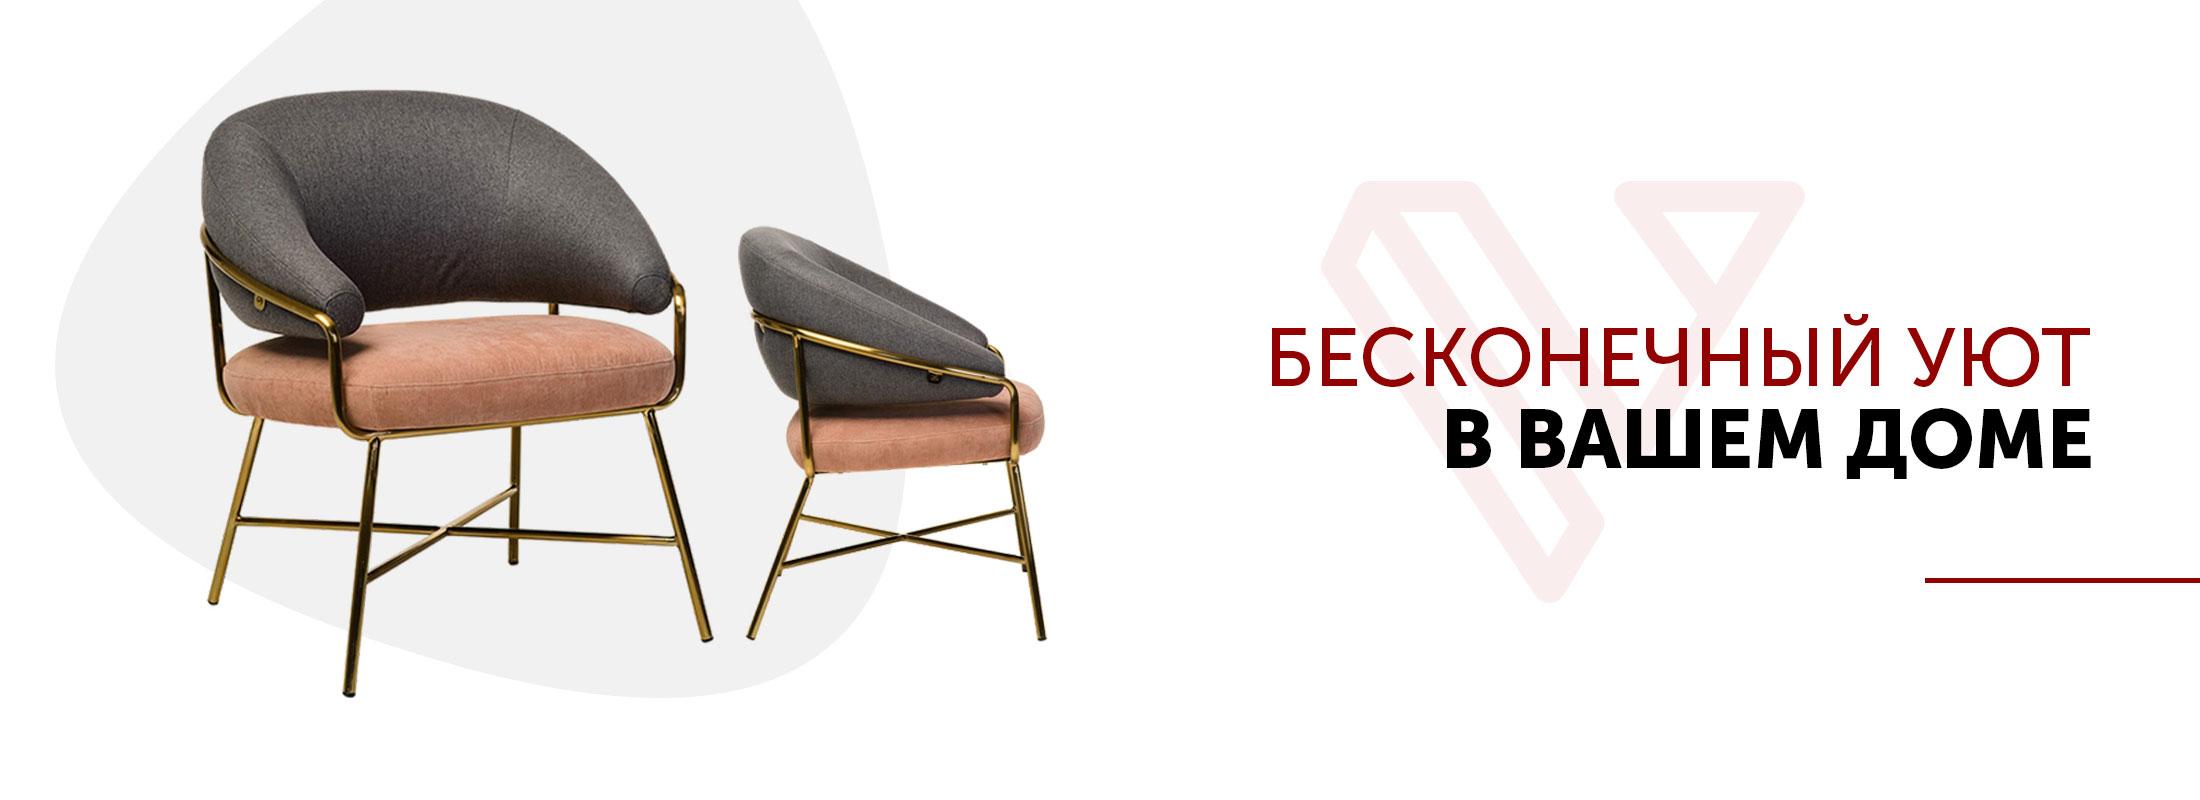 Дизайнерская мебель - достоинства и недостатки